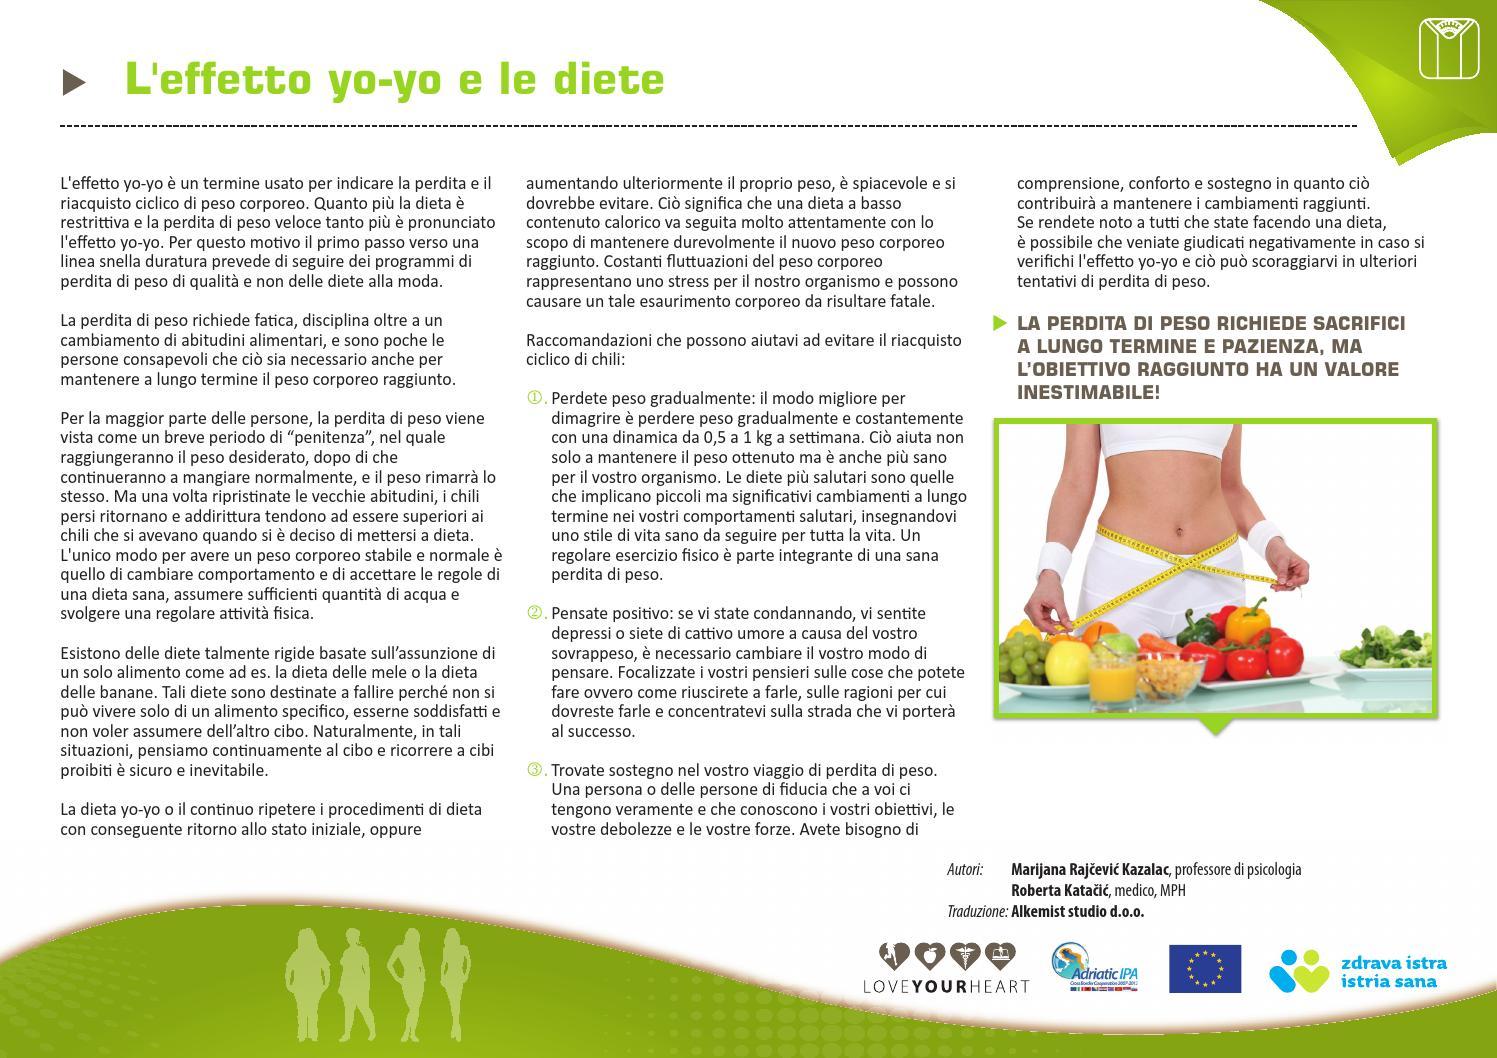 quale cibo è salutare per la perdita di peso